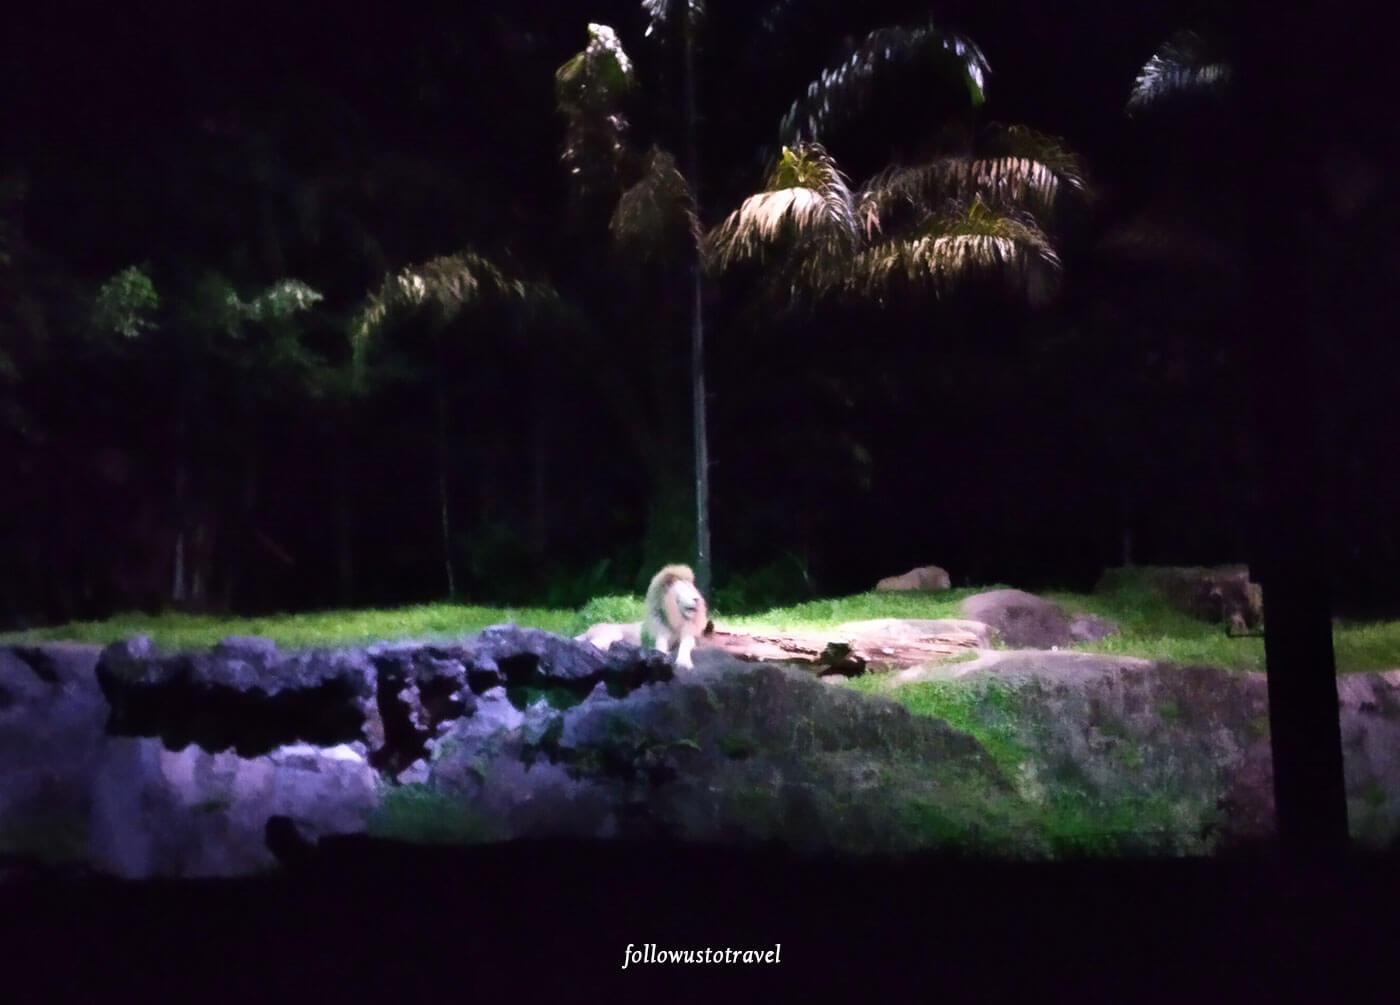 新加坡夜间野生动物园的狮子